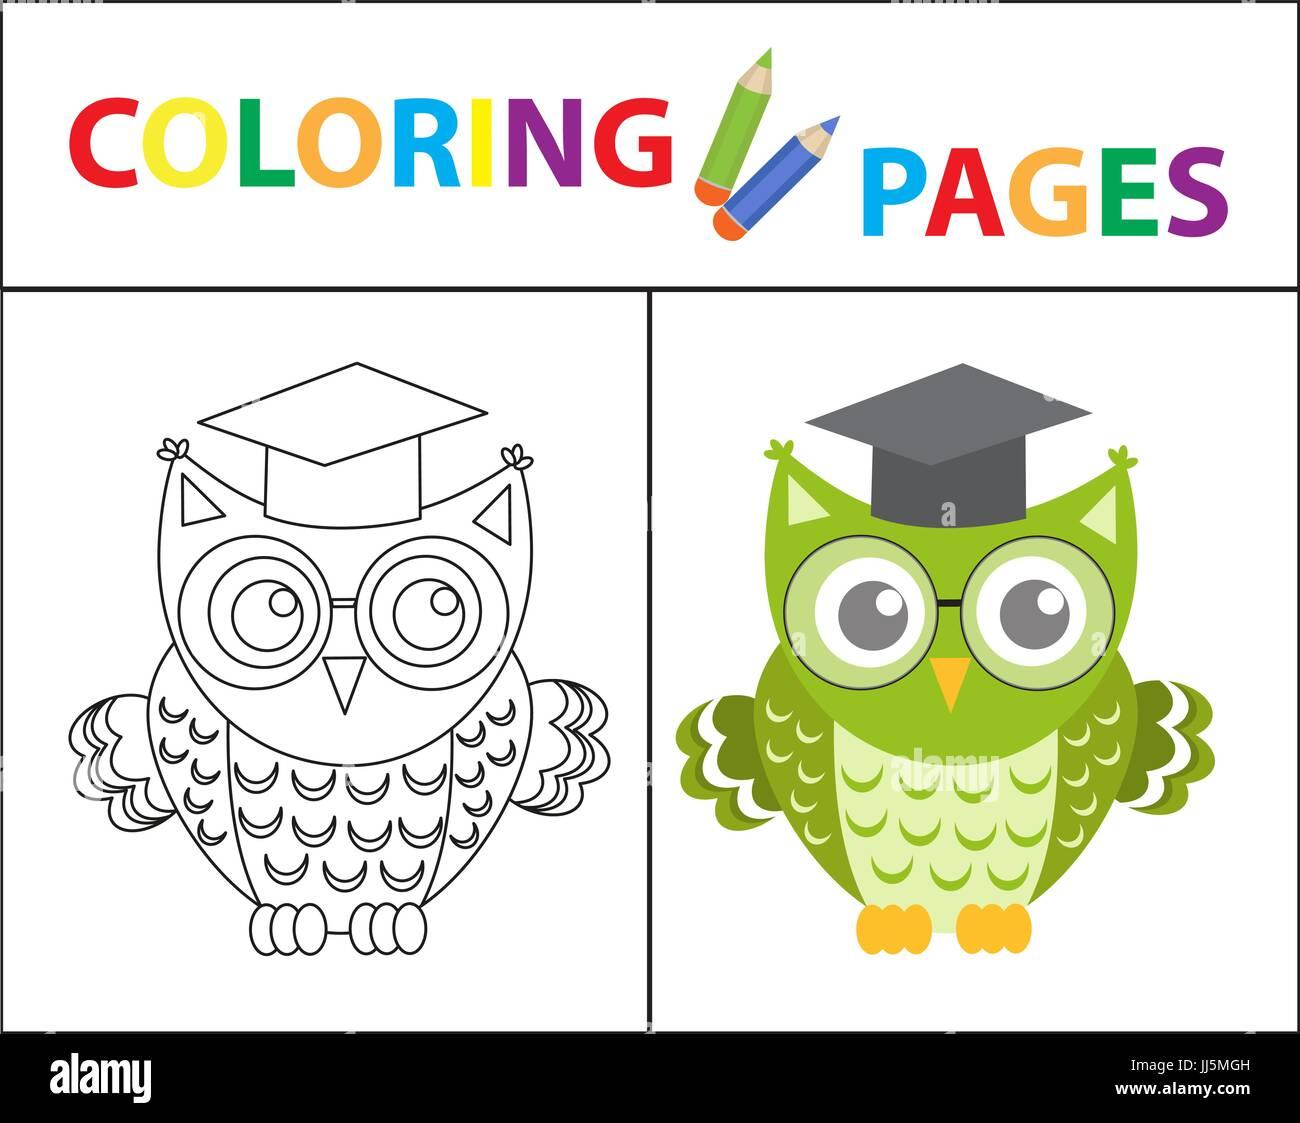 Coloring Book Seite Weise Eule Mit Brille Skizze Kontur Und Farbe